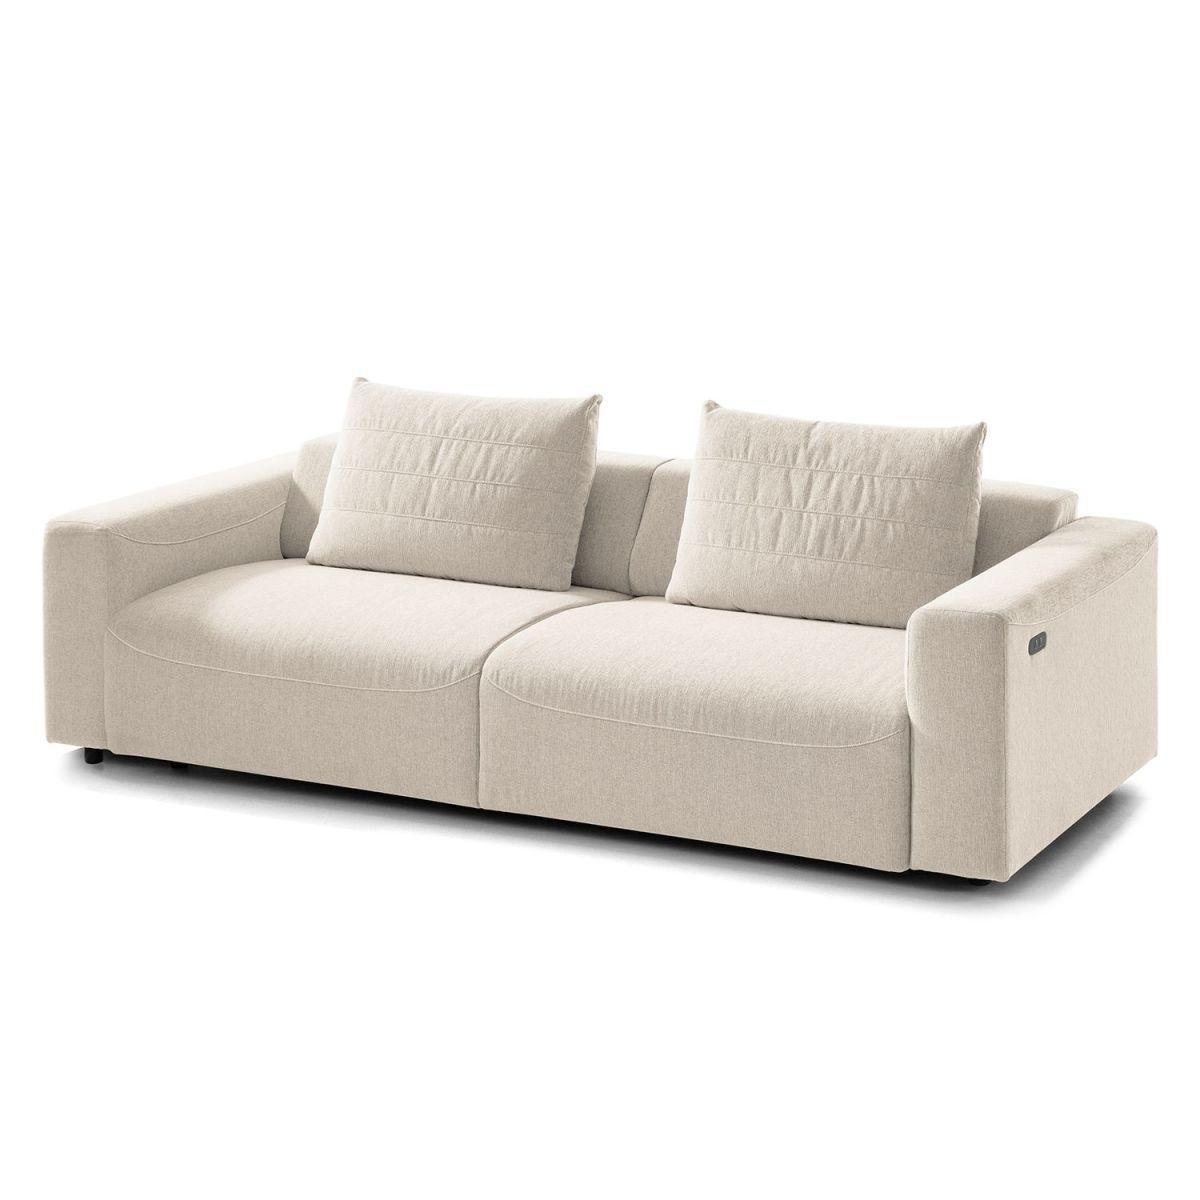 Sofa Finny 3 Sitzer Webstoff Jetzt Bestellen Unter Https Moebel Ladendirekt De Wohnzimmer Sofas 2 Und 3 Sitzer Sofas Big Sofa Kaufen Sofas 3 Sitzer Sofa